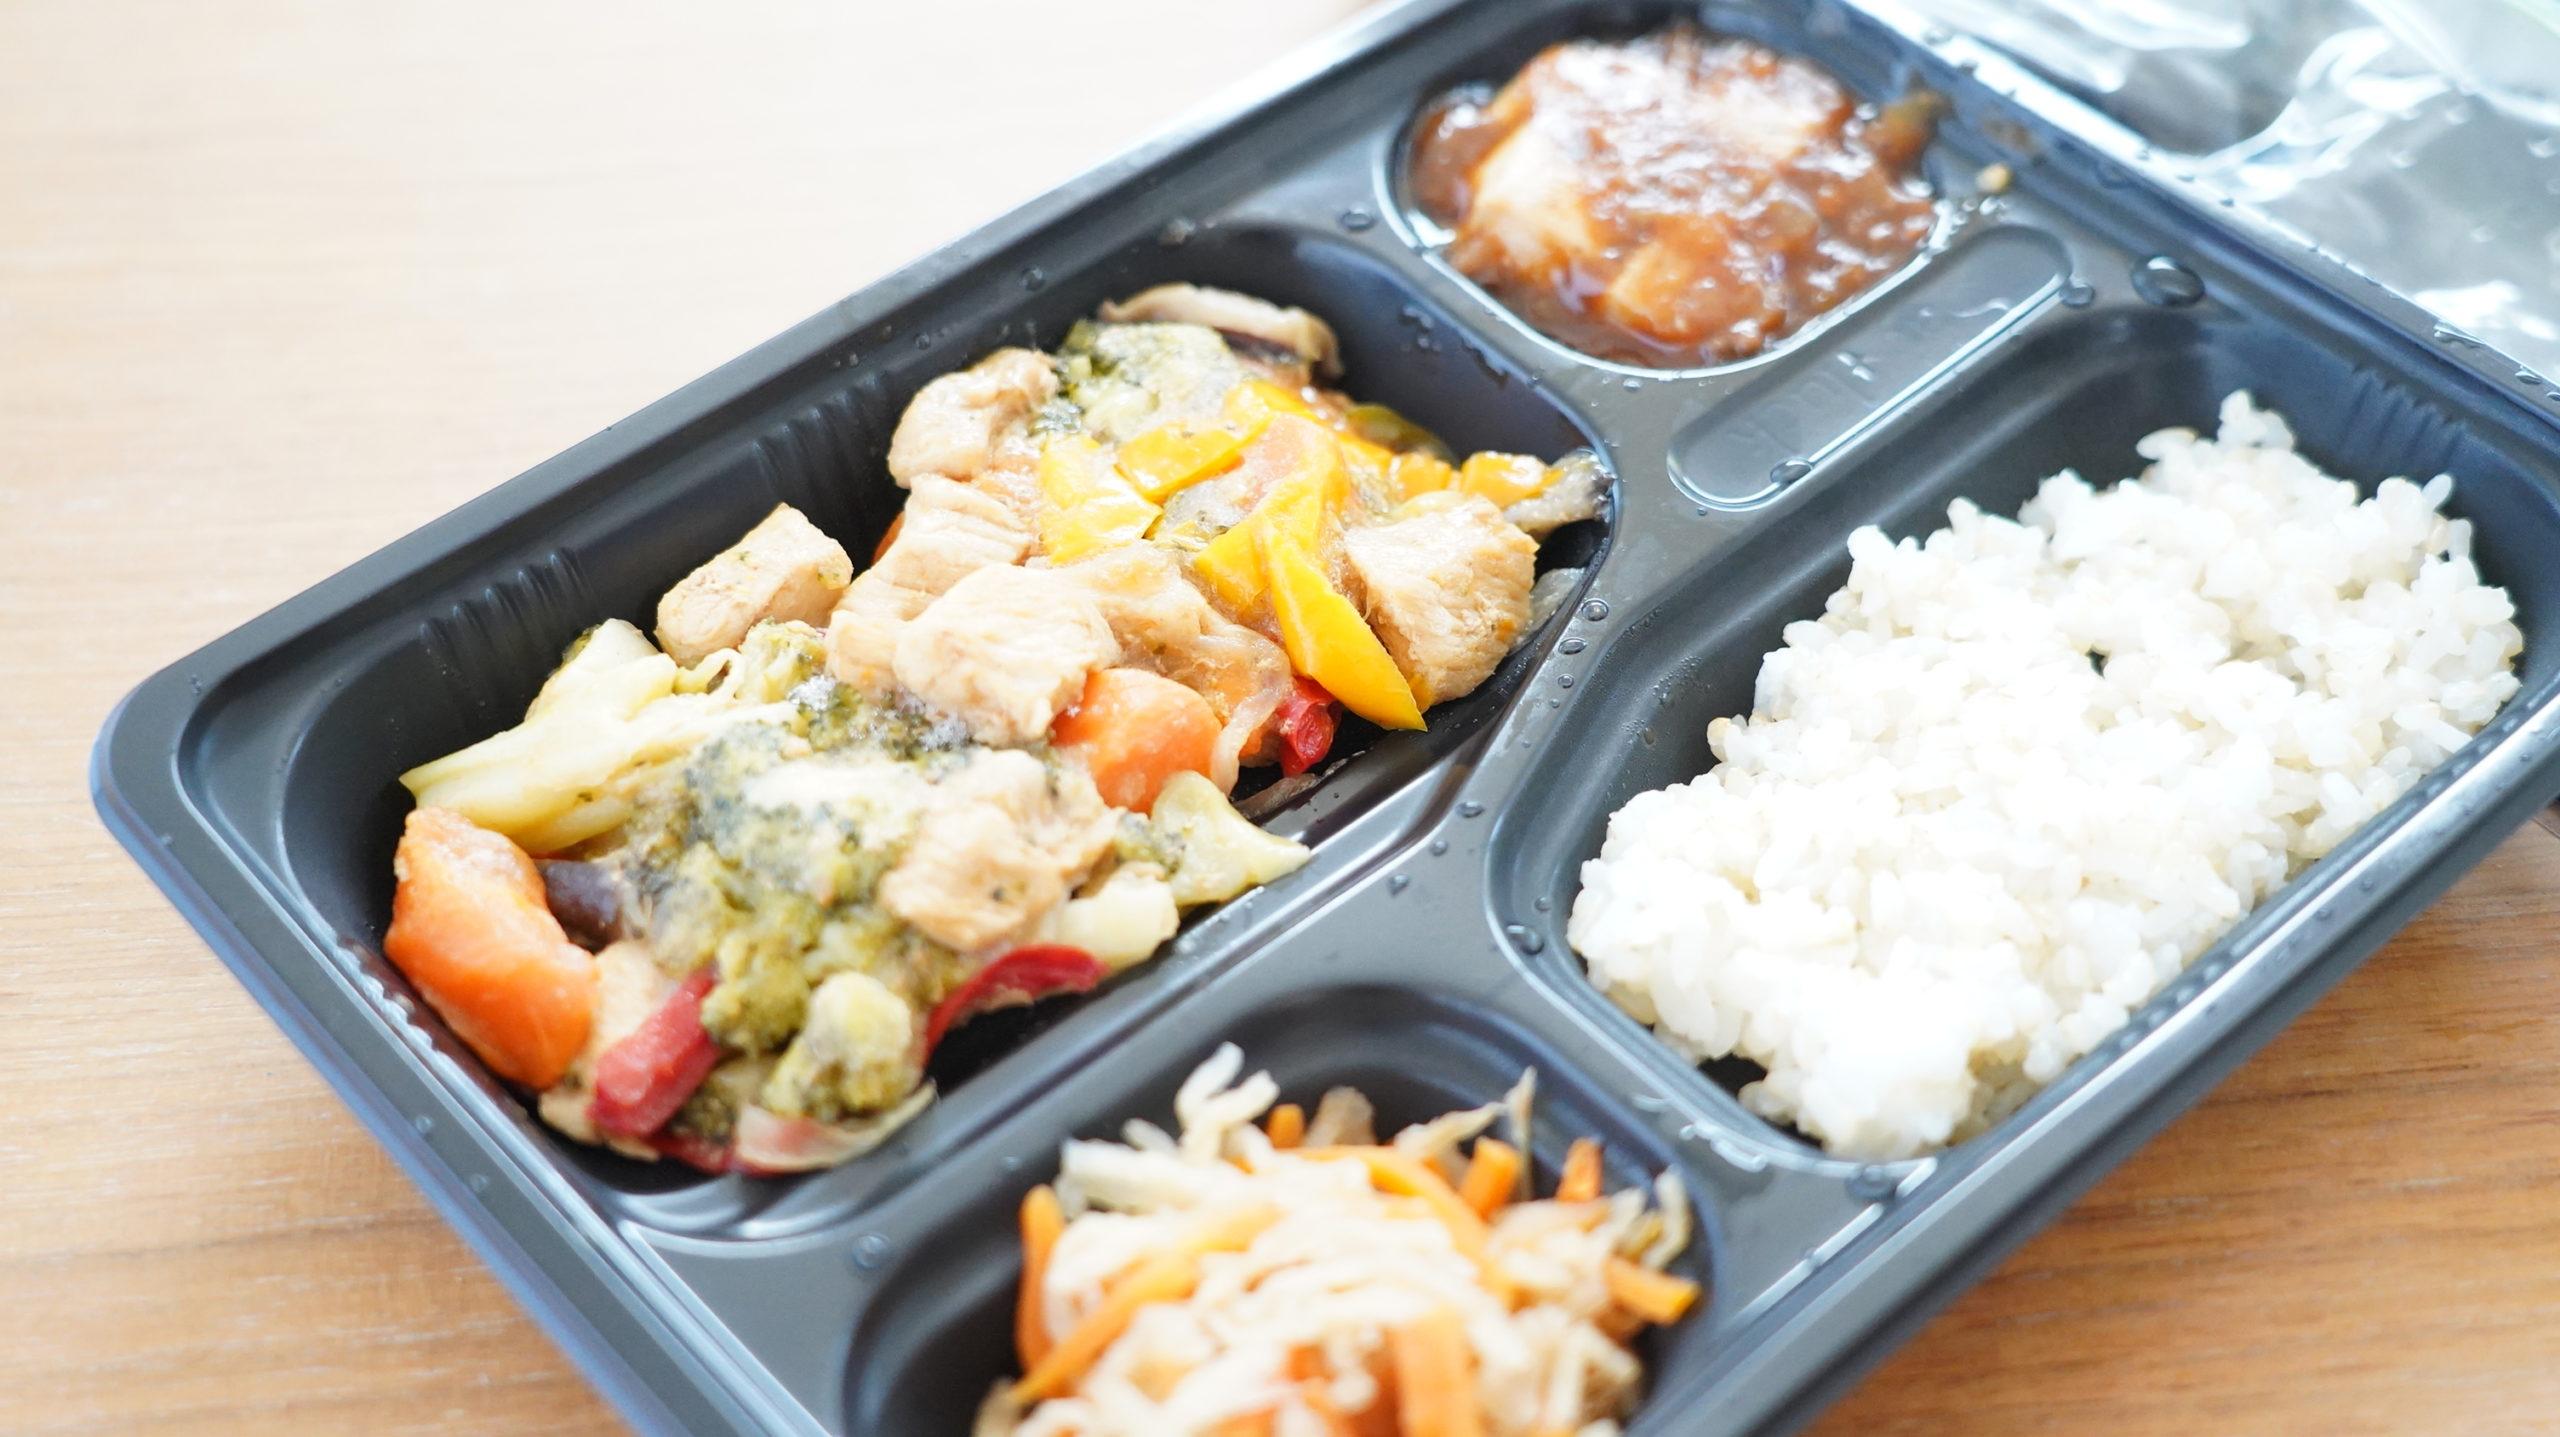 More than Deli(モアザンデリ)の冷凍弁当「鶏肉と野菜の黒酢あんかけ」の鶏肉の写真